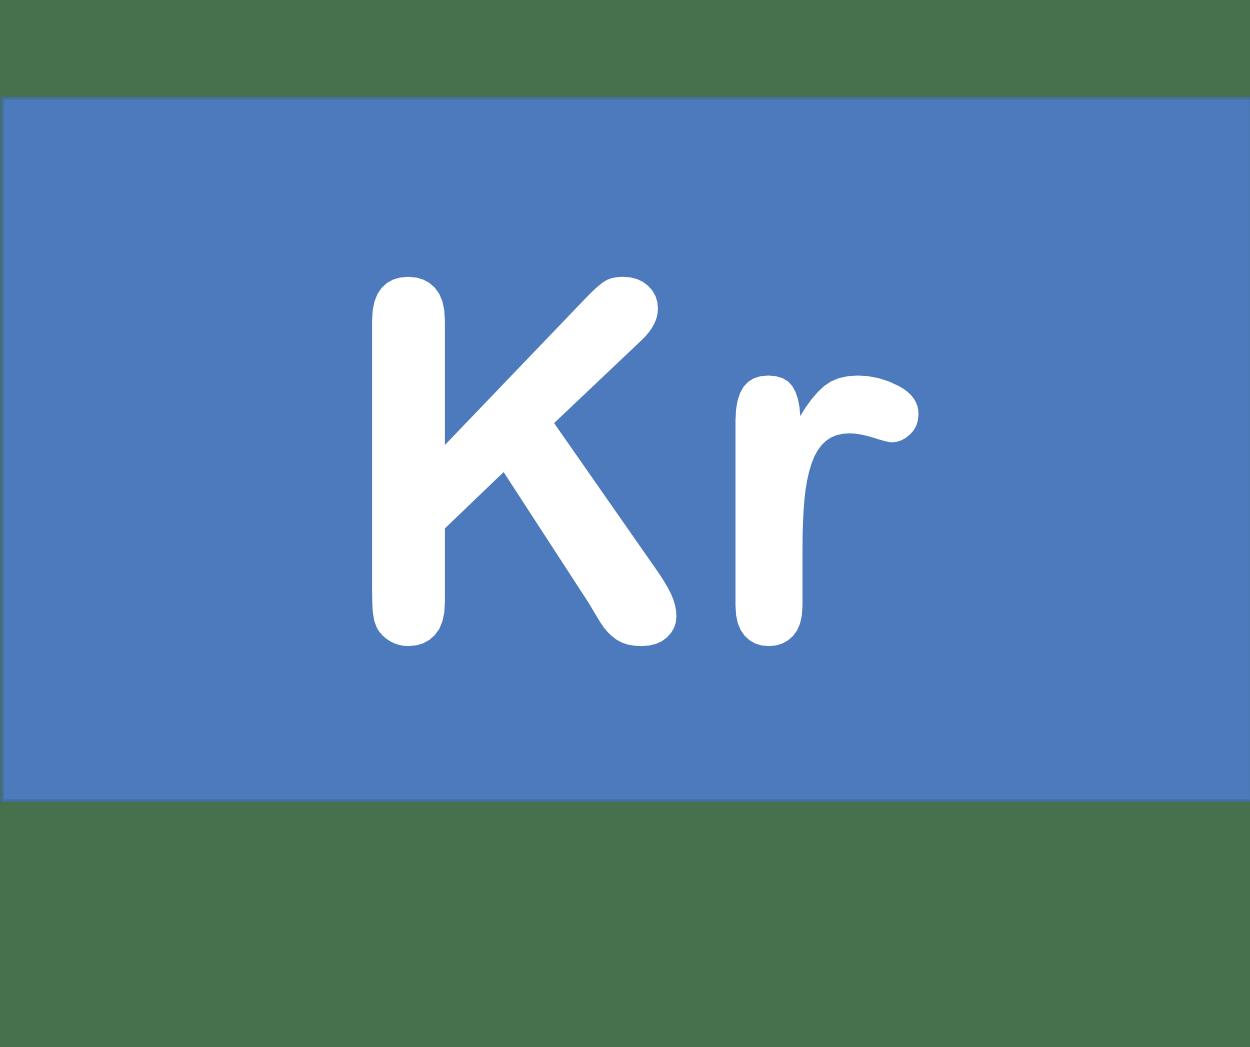 36 Kr クリプトン Krypton 元素 記号 周期表 化学 原子